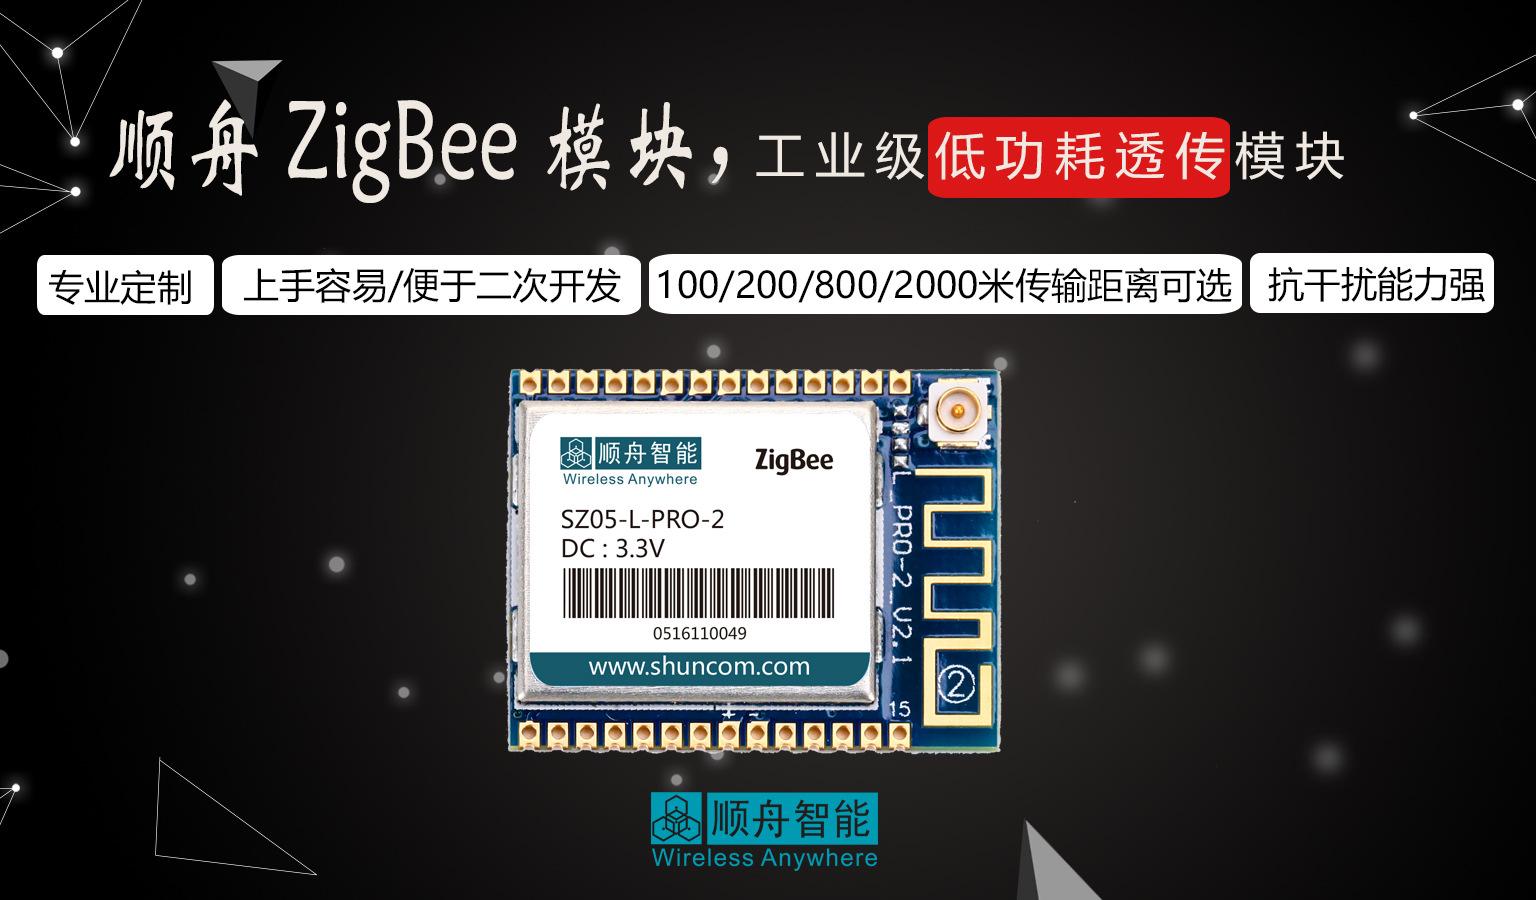 无线嵌入式zigbee通信模块厂家价格 组网灵活 节省开发成本时间示例图2